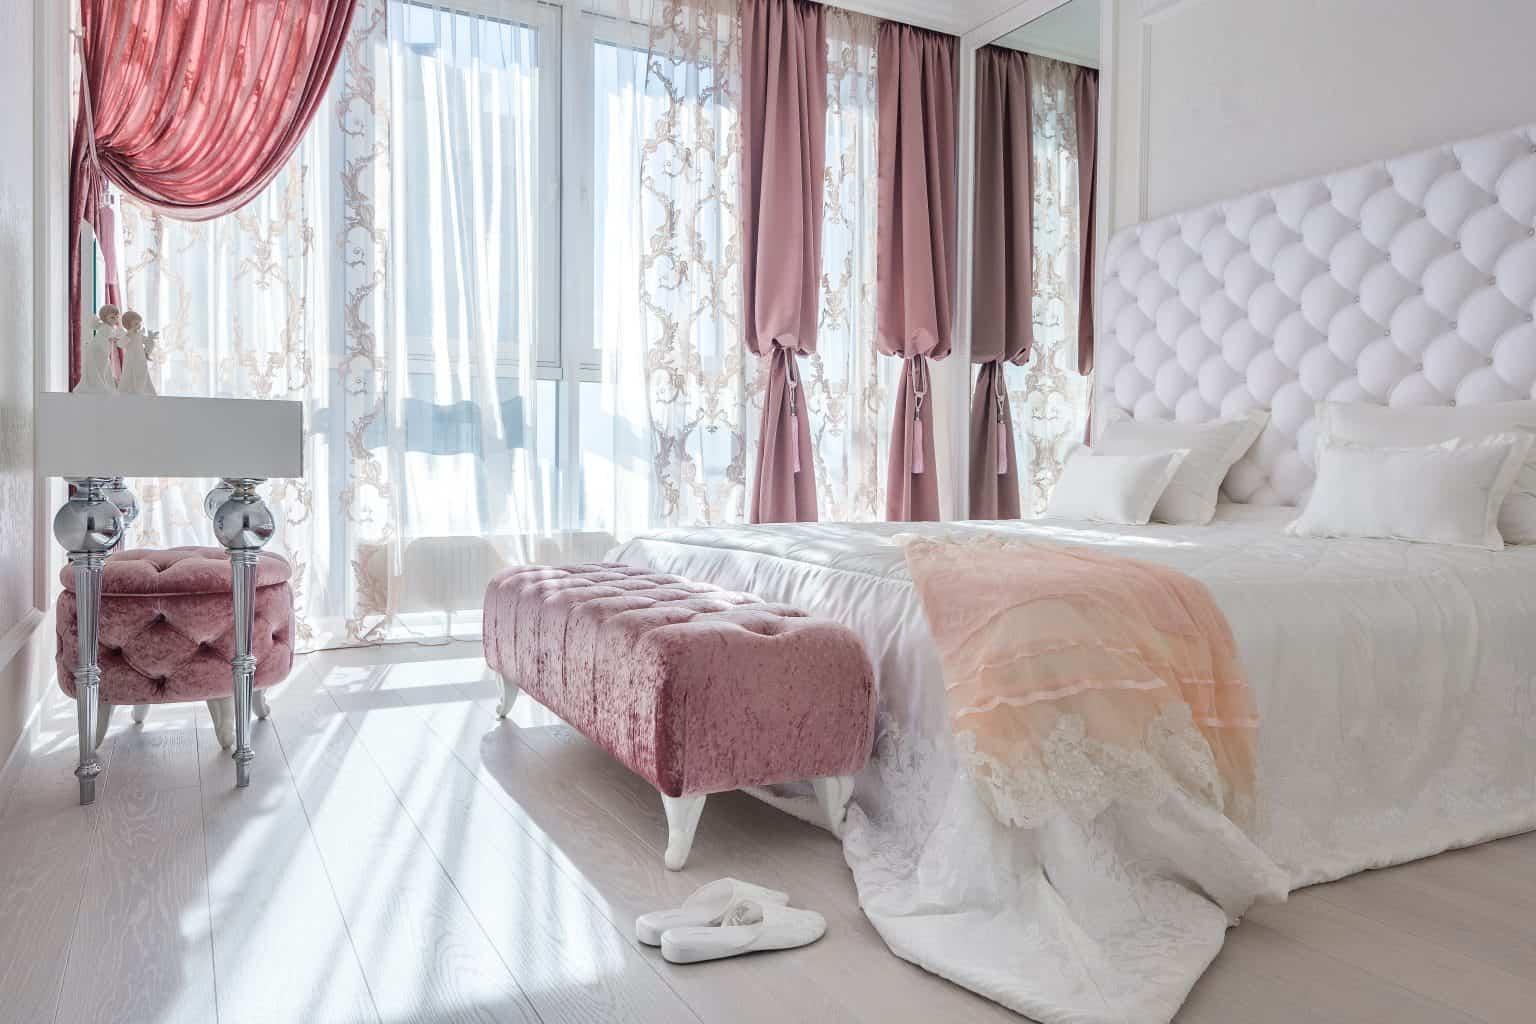 Spálňa v tradičnom štýle - dokonalosť sama. Zdroj: Pexels.com